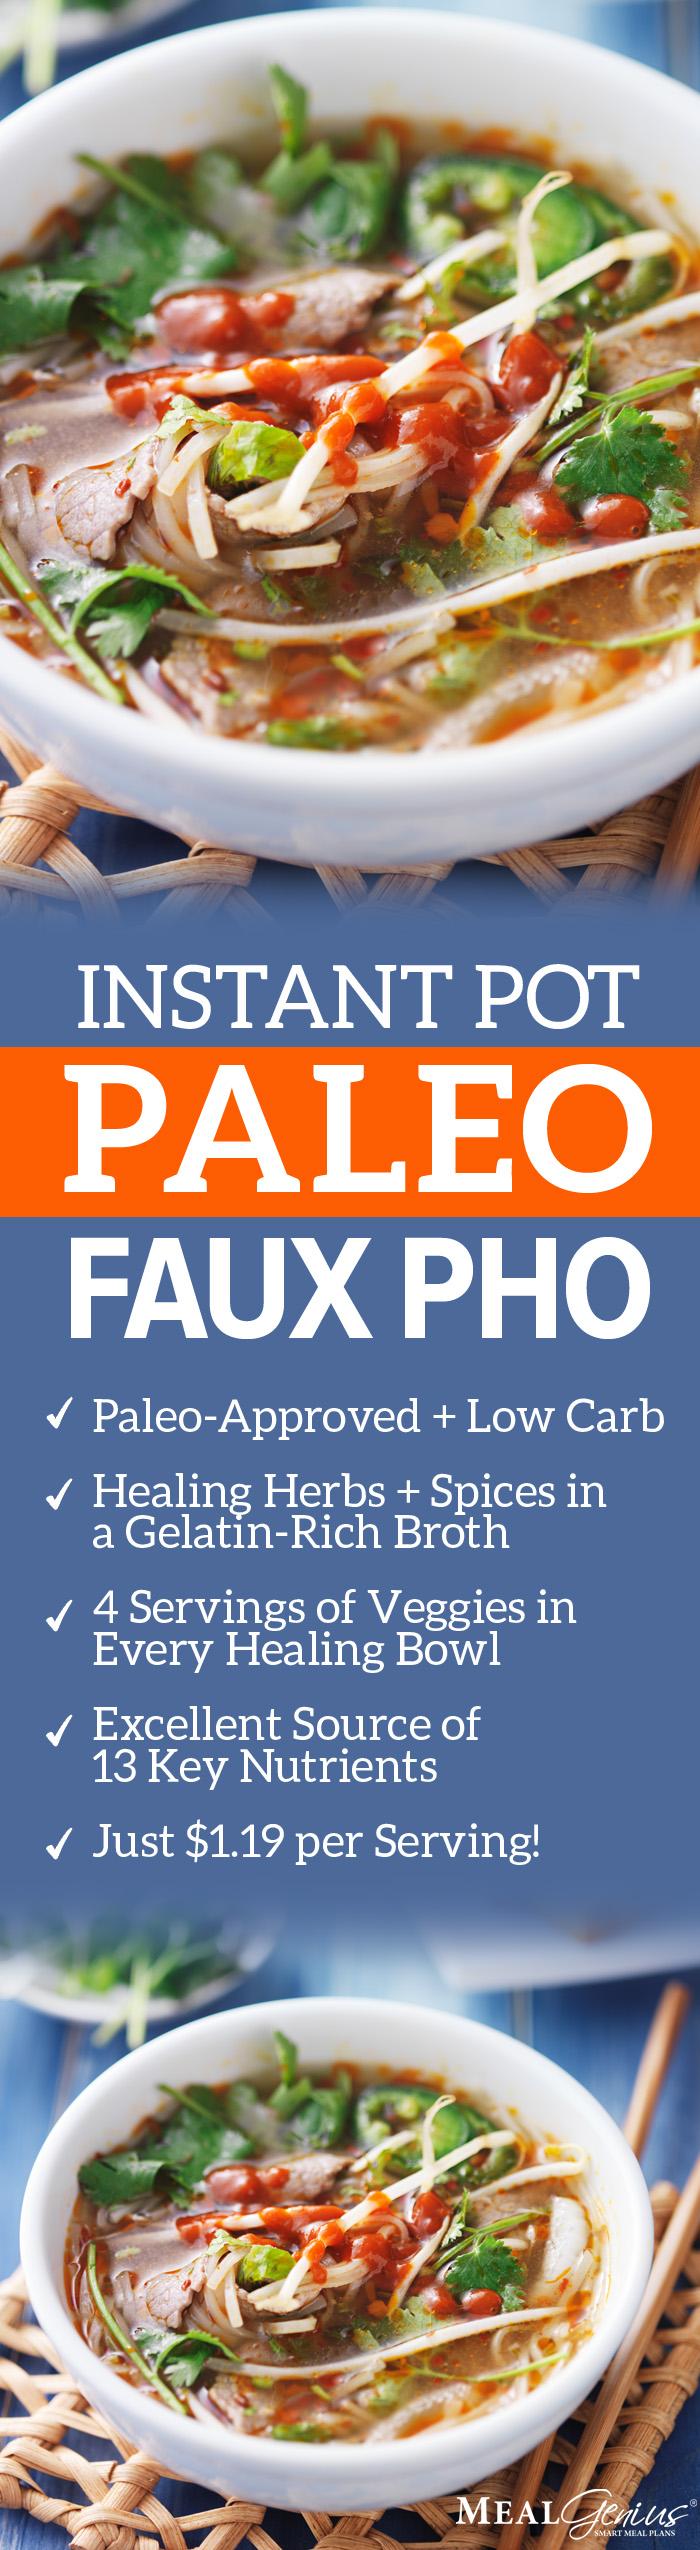 Instant Pot Paleo Faux Pho - Meal Genius